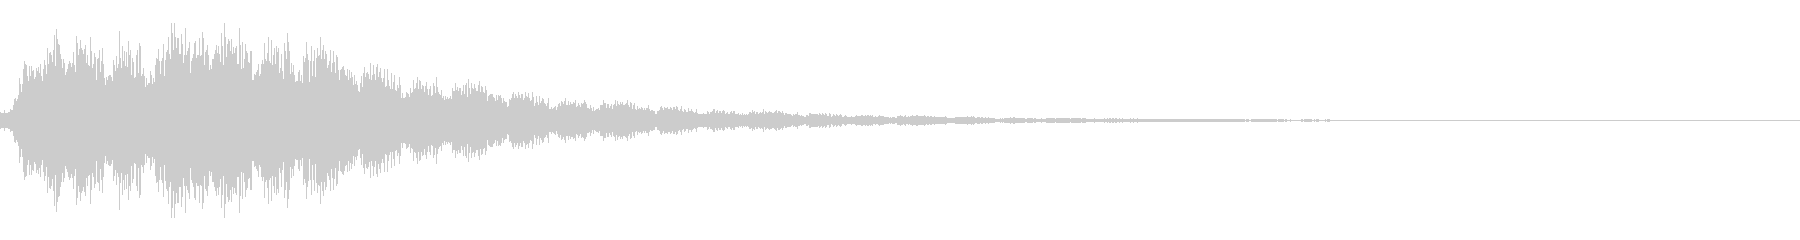 ワープ・瞬間移動・電子音・テレポートbの未再生の波形